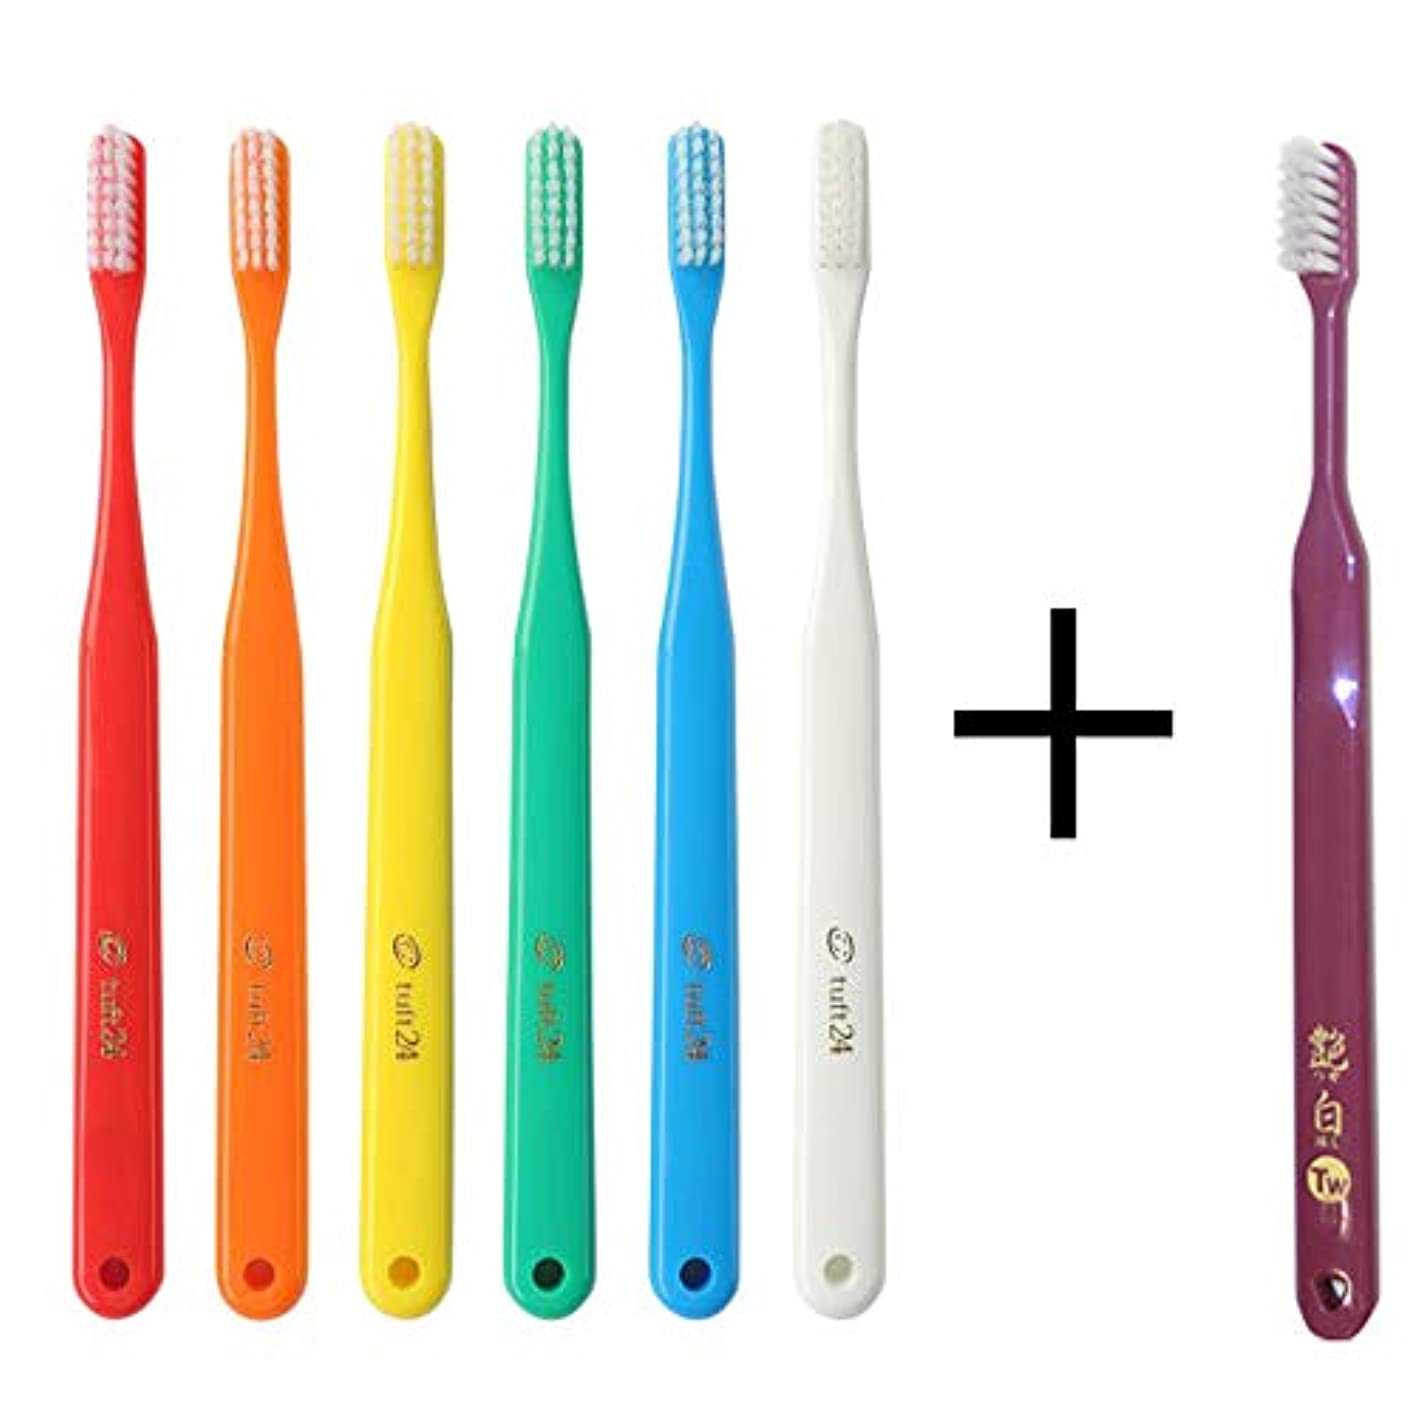 原子ミサイルメタルラインキャップなし タフト24 歯ブラシ × 25本入 M (アソート) + 艶白 ハブラシ (日本製) ×1本 MS(やややわらかめ) 大人用歯ブラシ 歯科医院取扱品